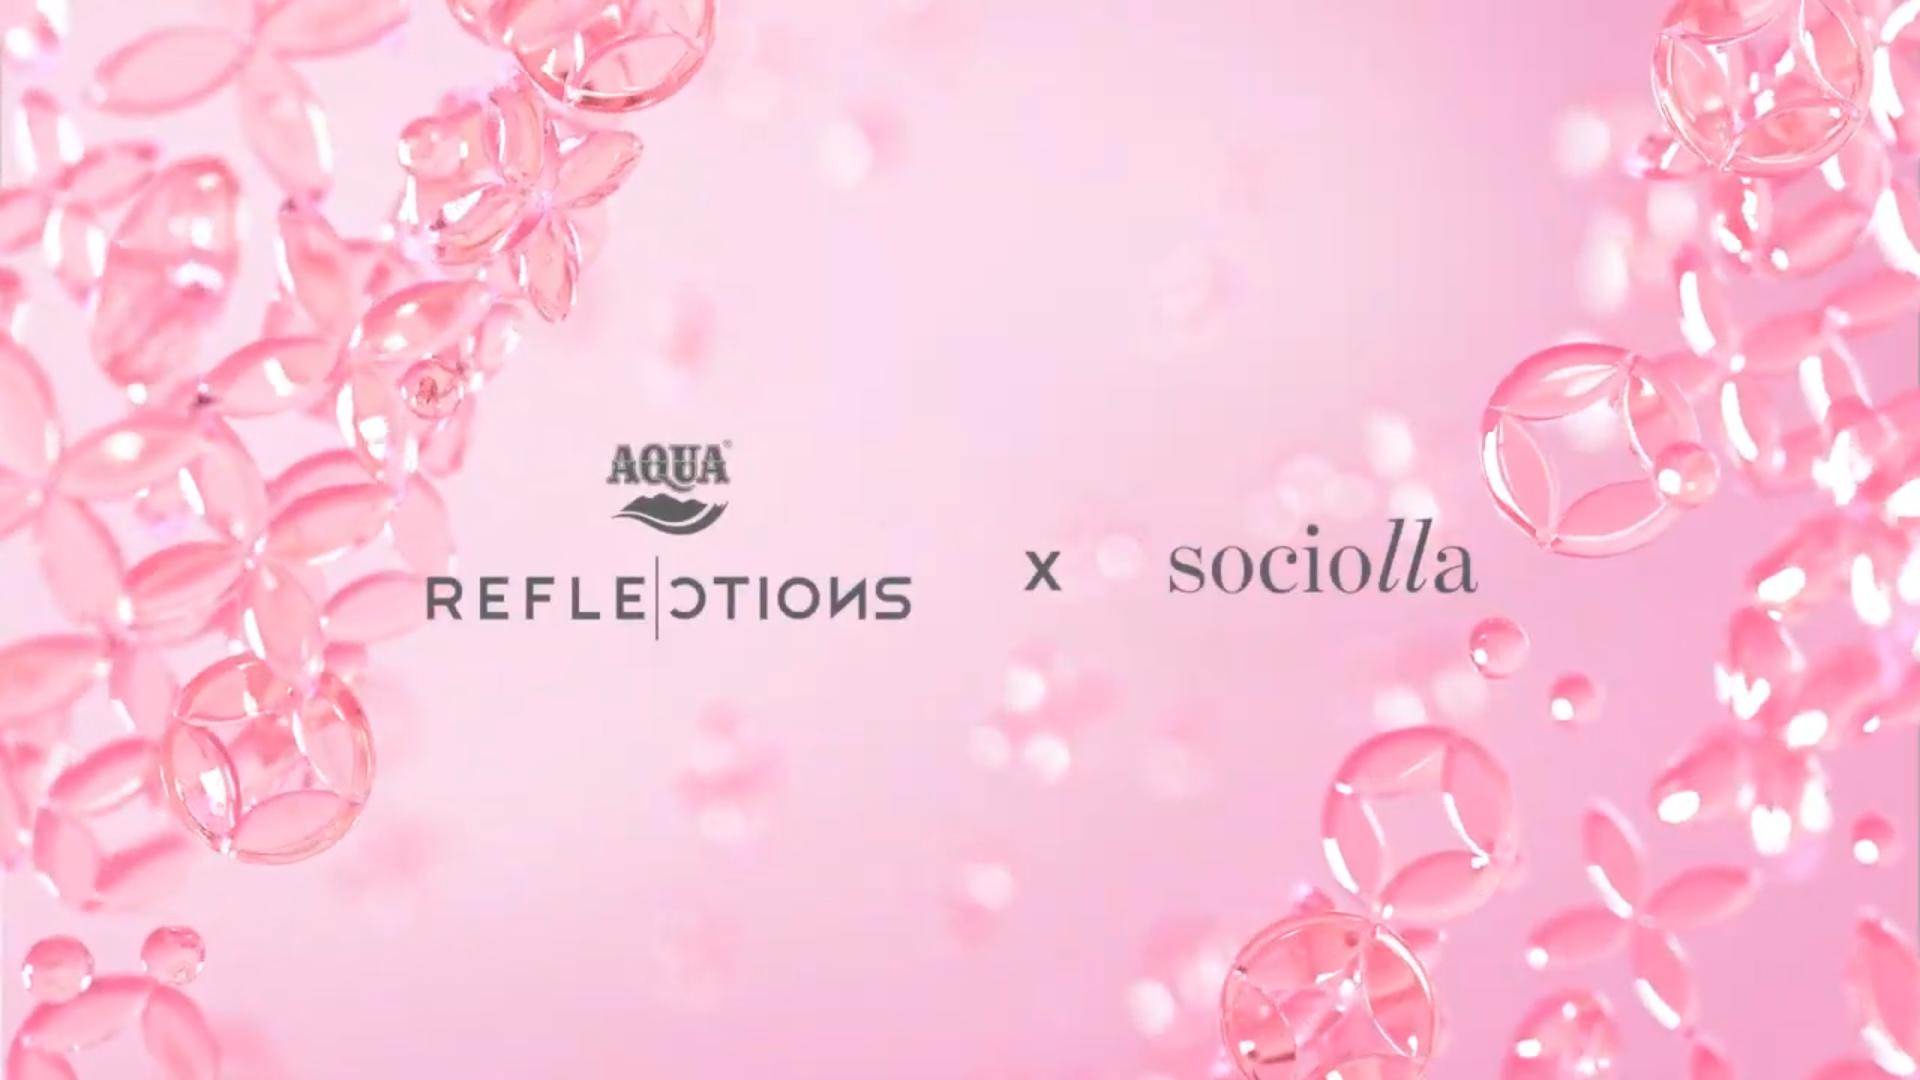 AQUA Reflections x Sociolla